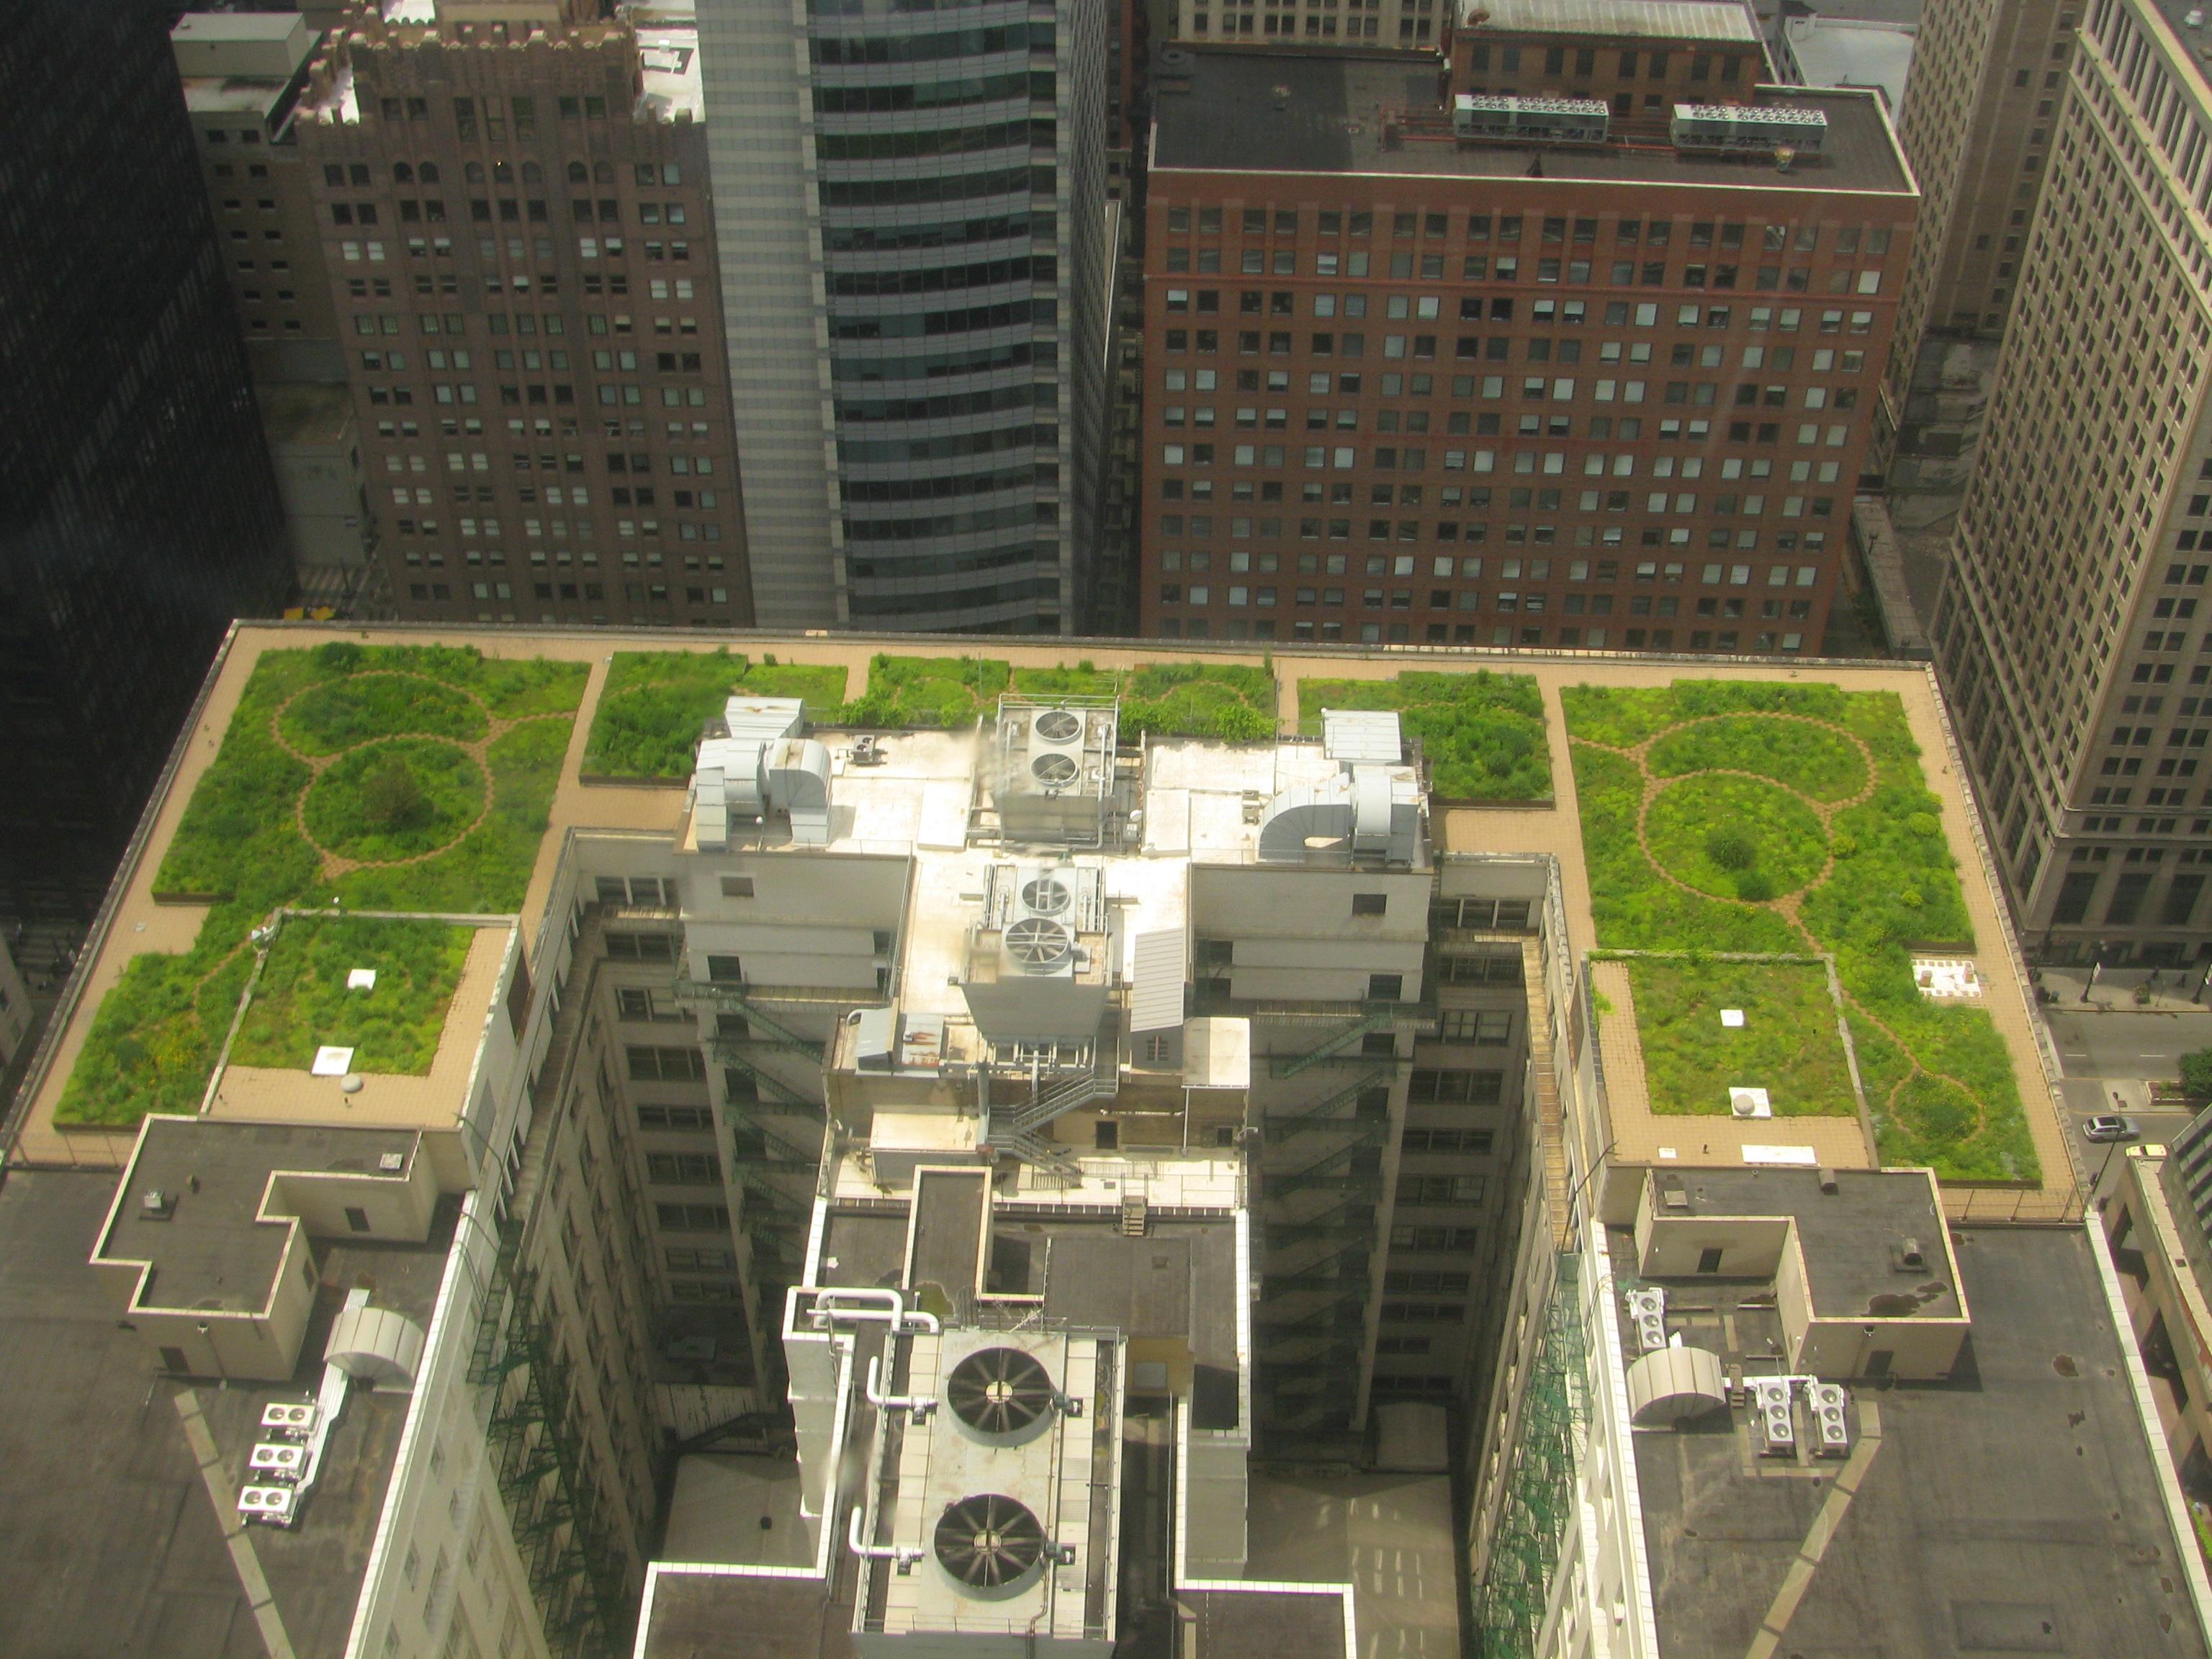 Toit vert de l' Hôtel de Ville à Chicago, Illinois.